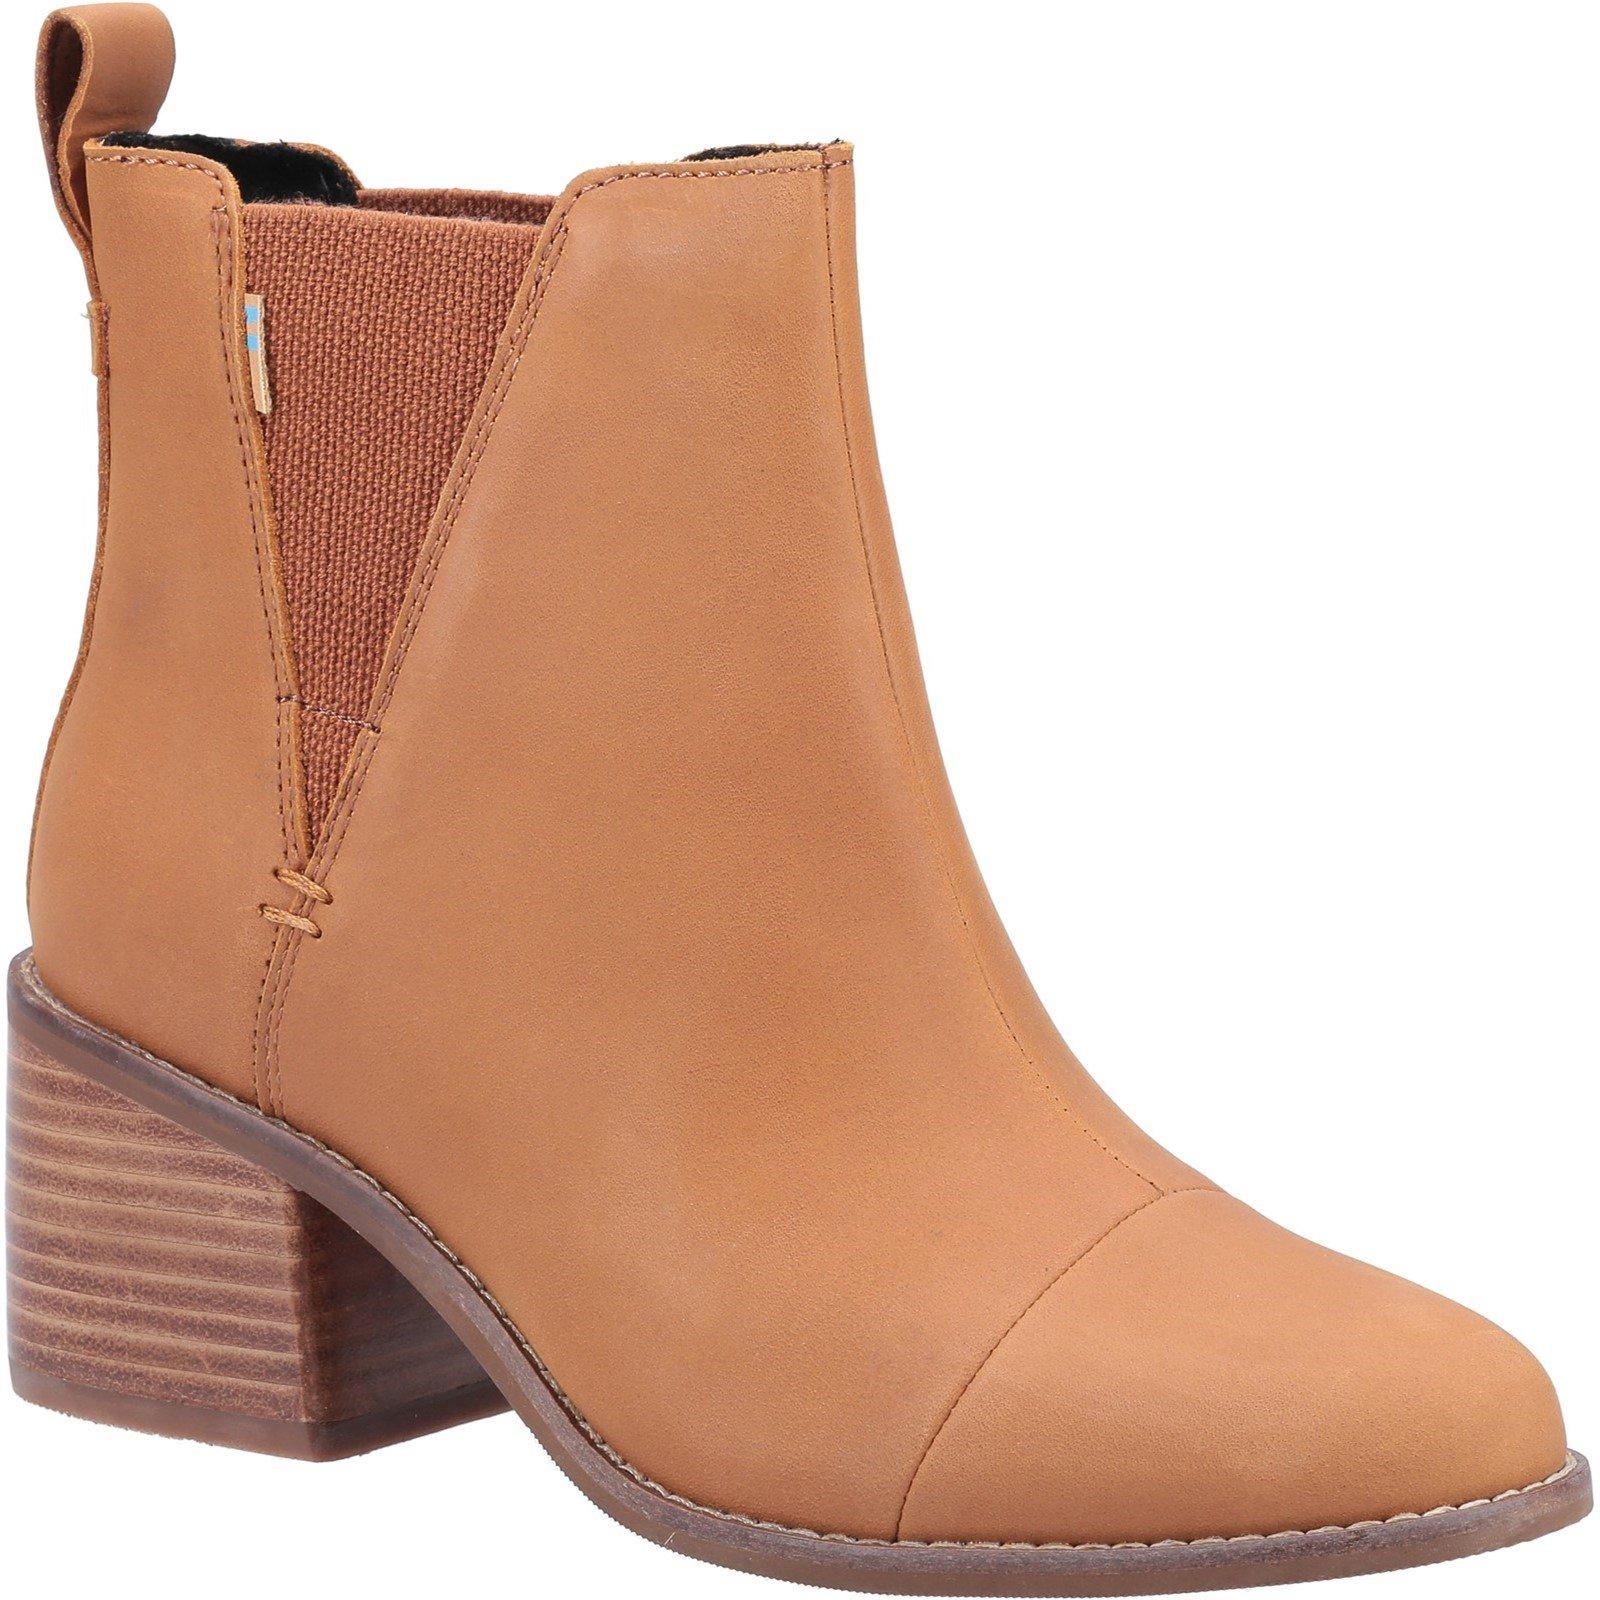 TOMS Women's Esme Boot Tan 32645 - Tan 8